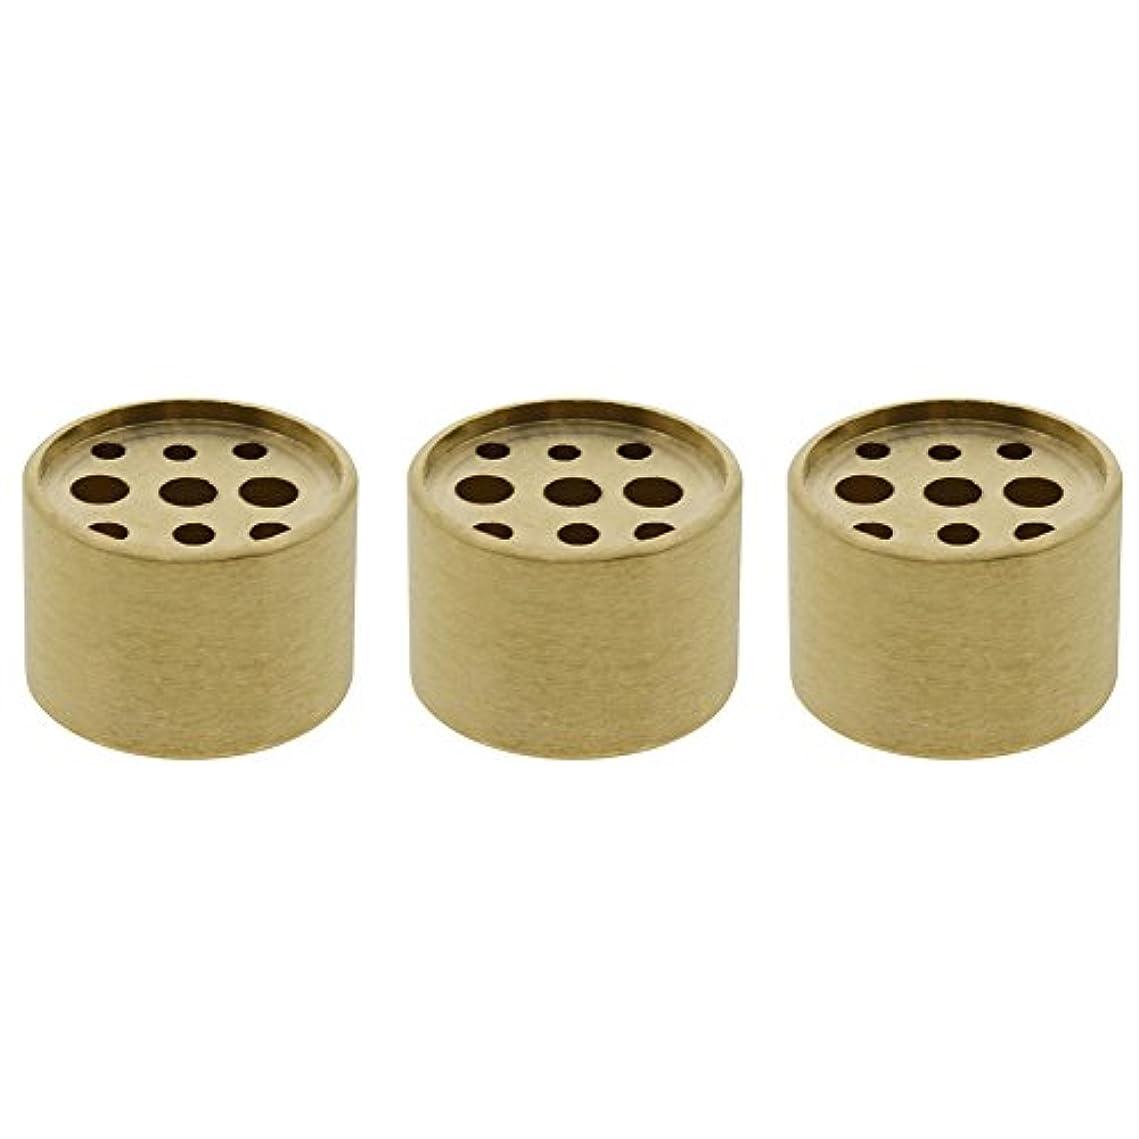 ポイント今後適応的Saim 3個Fine銅円柱形状Incenseホルダー9穴真鍮LotusスティックBurner for Incense